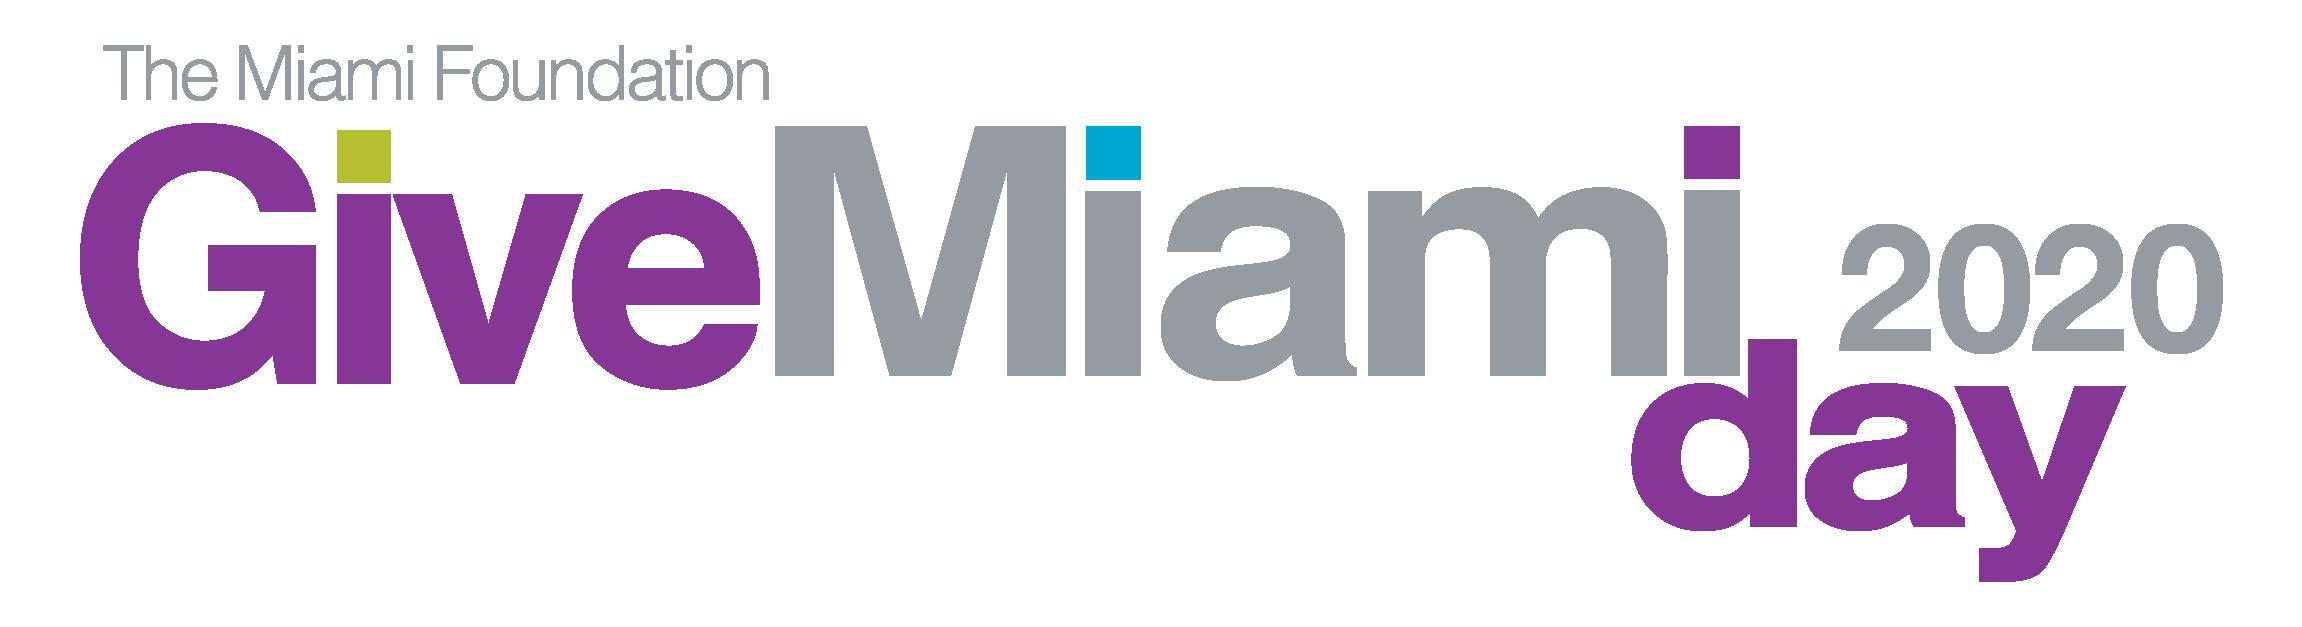 GiveMiamiDay_2020_NP-Logo.png